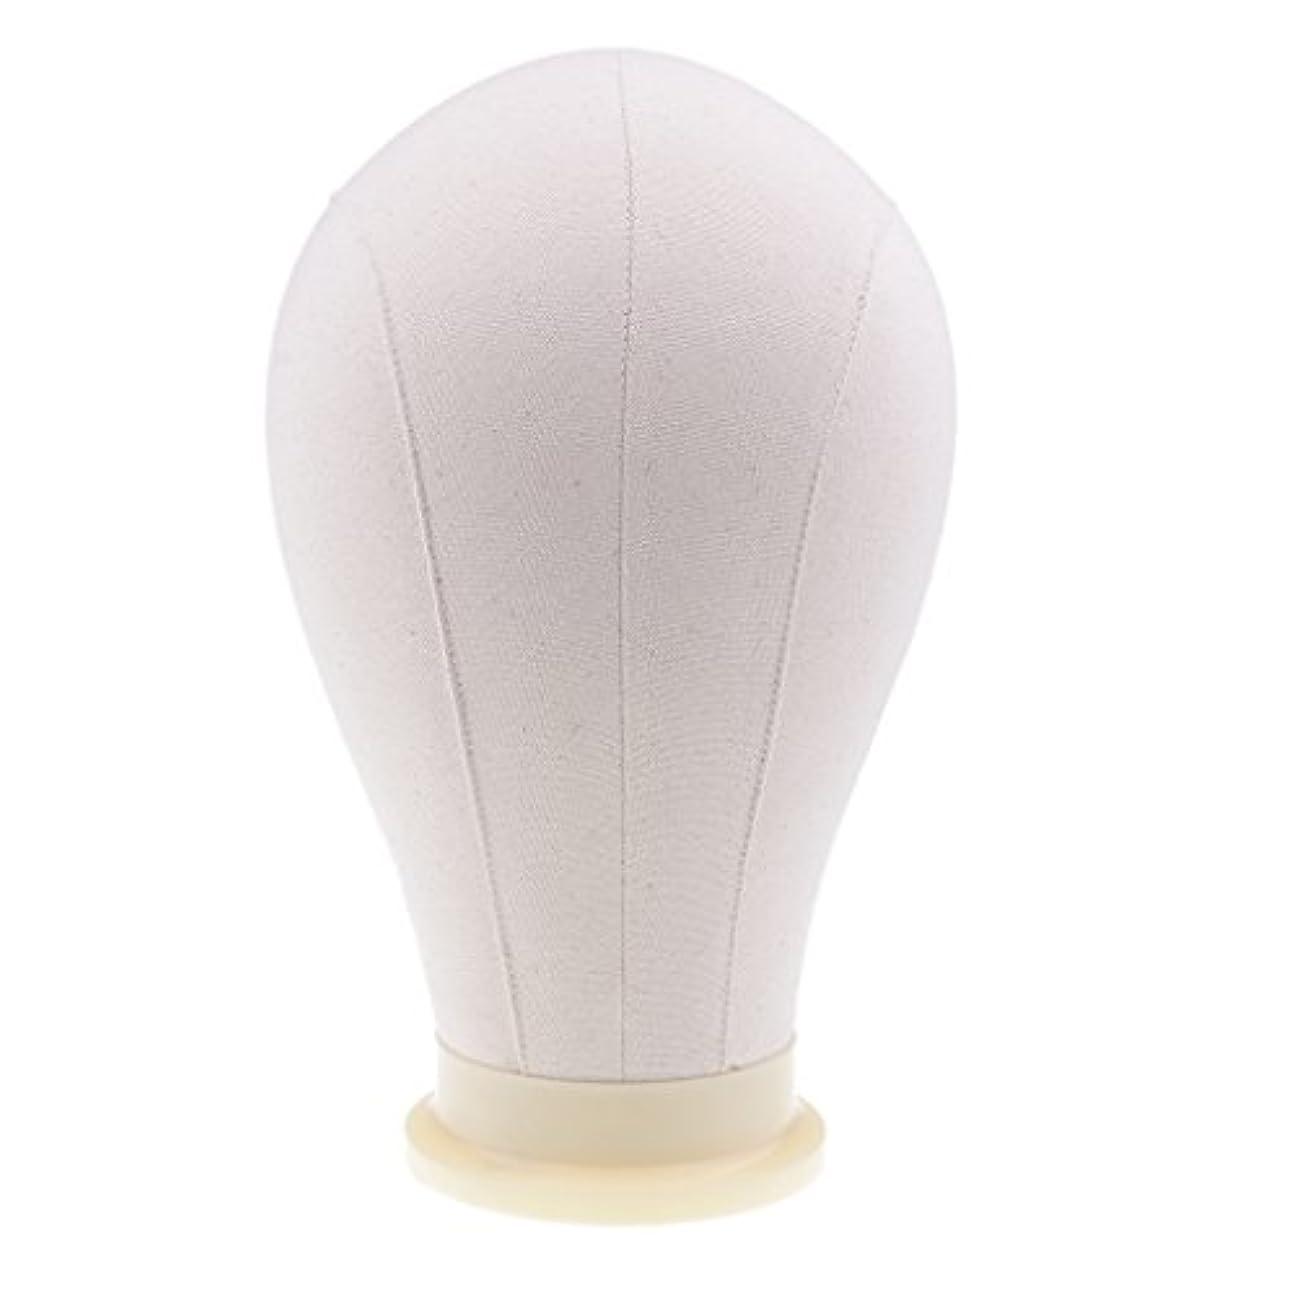 細い着飾るスライスマネキンヘッド ウィッグ キャンバス 頭部モデル かつら 帽子 メガネ ディスプレイ ホルダー 4サイズ - 24インチ